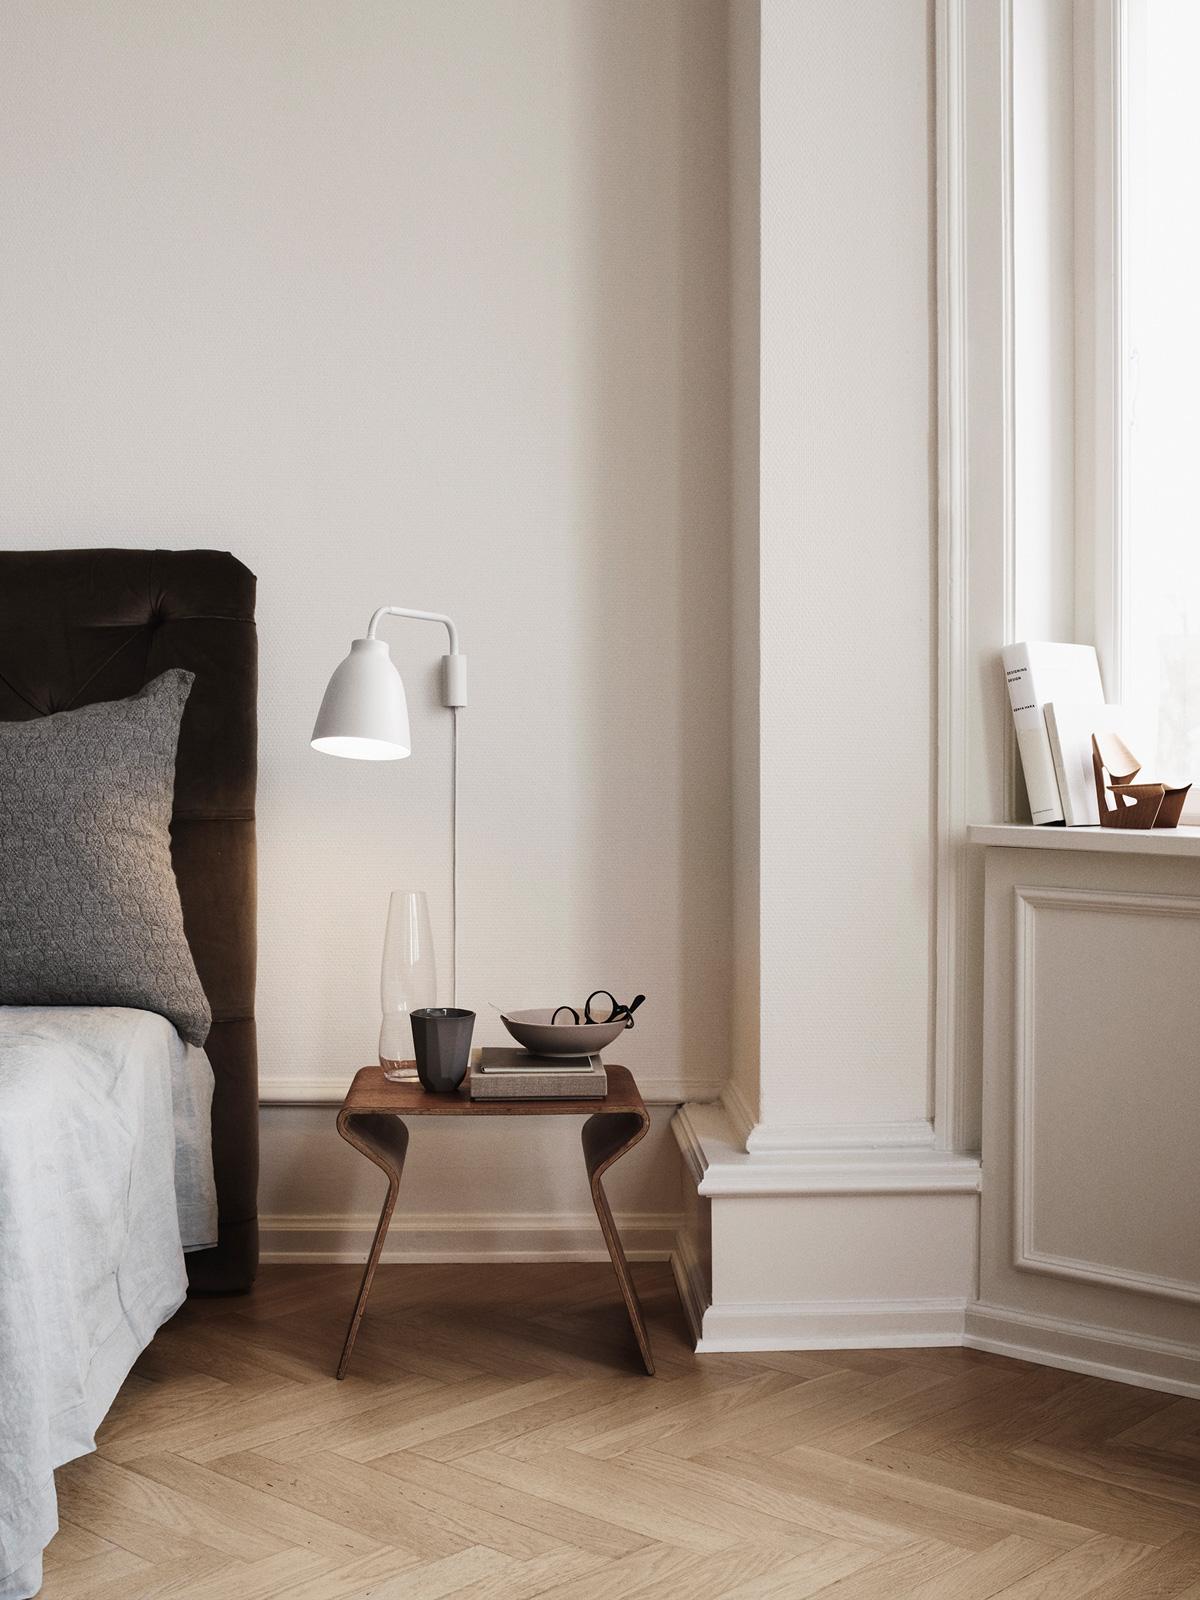 Full Size of Wandlampen Schlafzimmer Schwenkbar Ikea Wandlampe Dimmbar Mit Schalter Design Holz Wandleuchte Leselampe Led Modern Lampen Frs Wandleuchten Teil 3 Designortcom Schlafzimmer Schlafzimmer Wandlampe